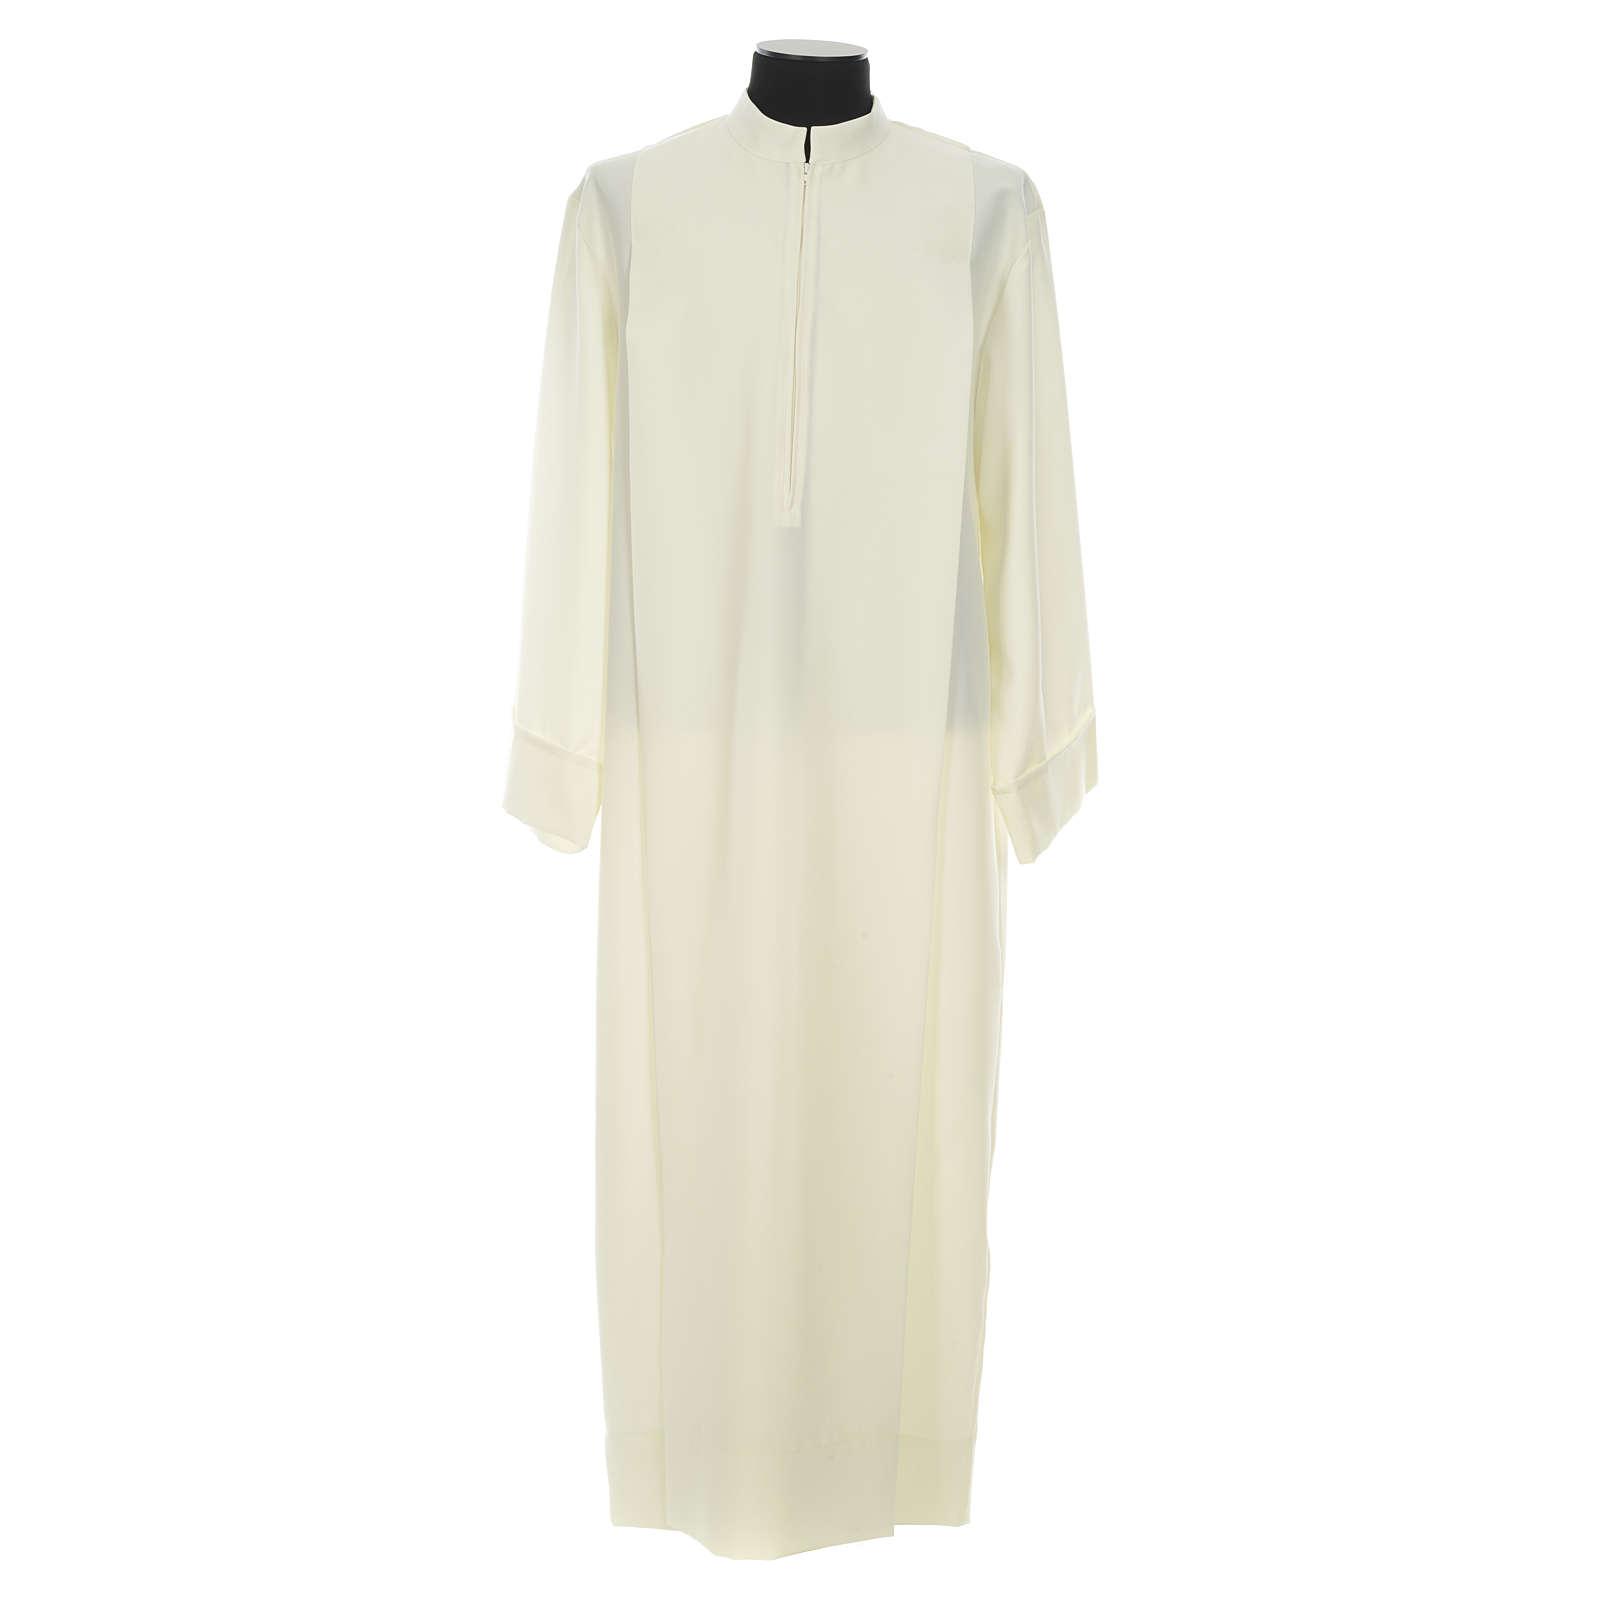 Étole de prêtre blanche croix 4